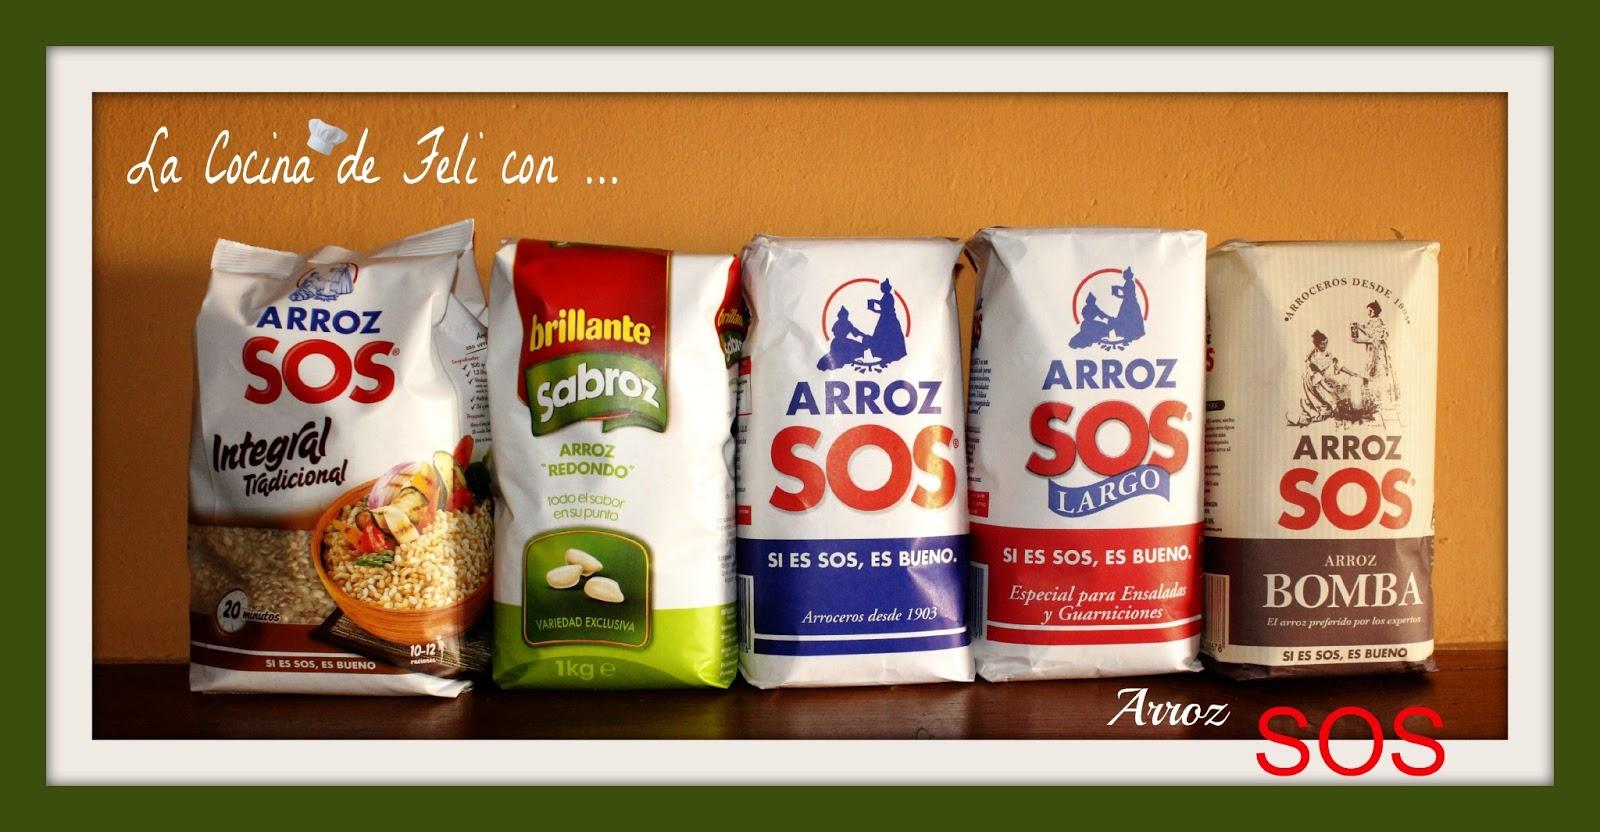 La cocina facil arroz sos for Productos para cocina